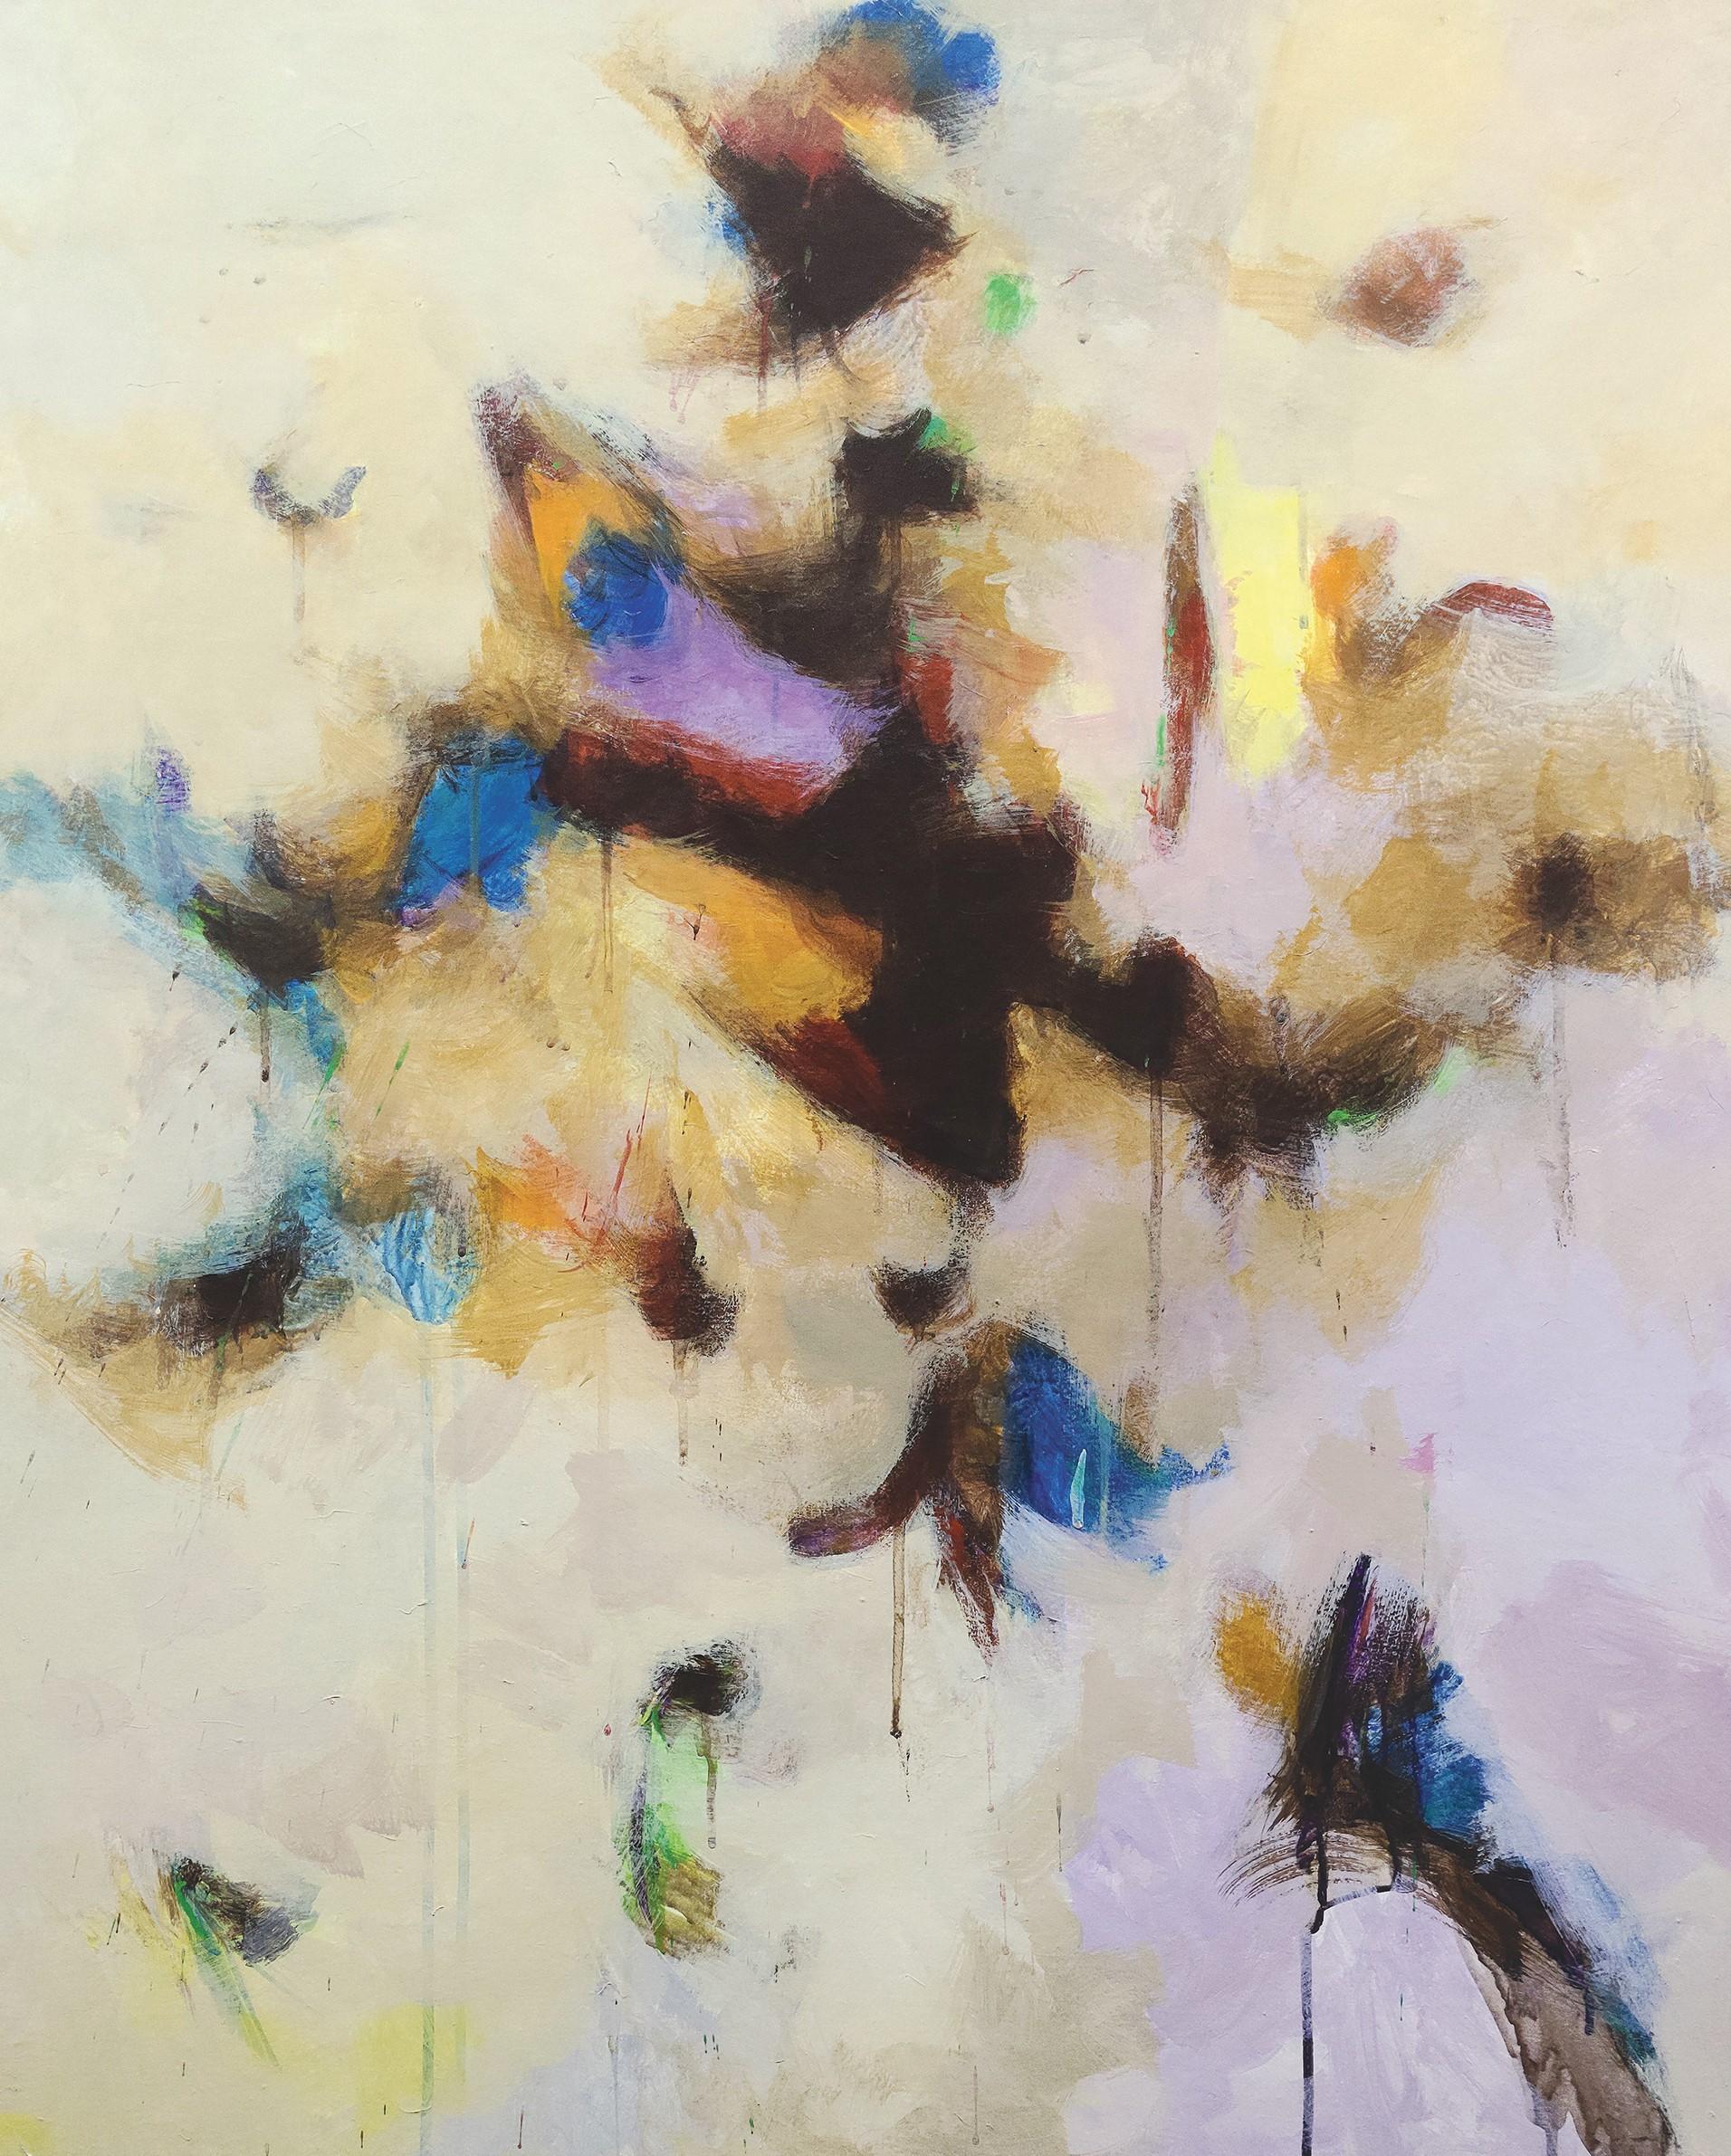 심상心象), Oil on paper and canvas, 112x84cm, 1989